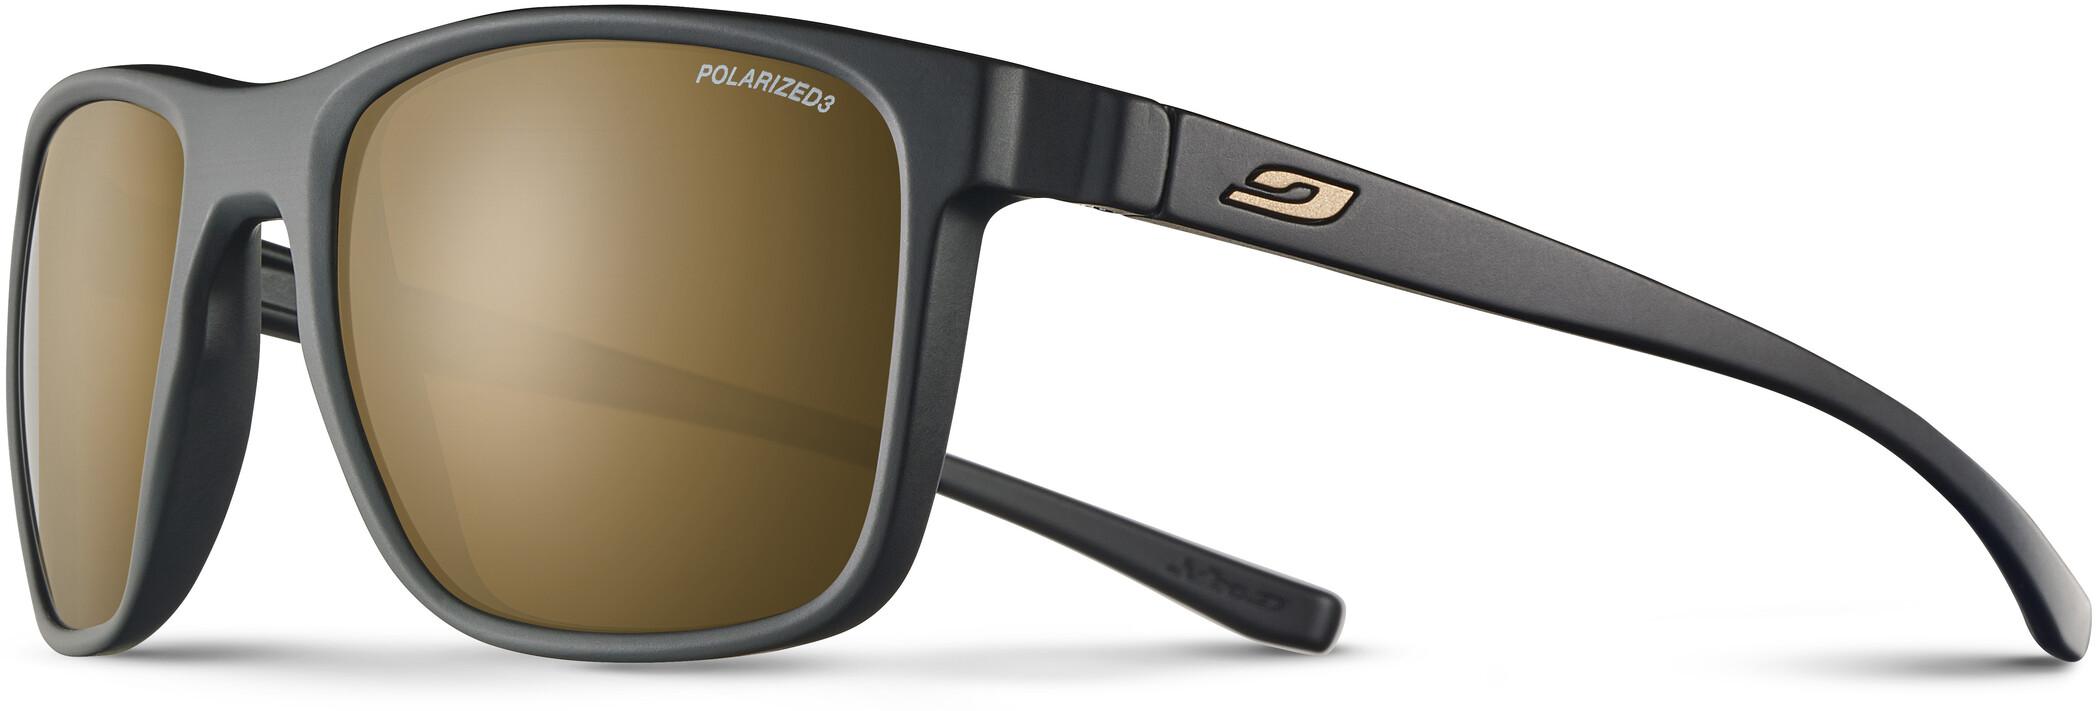 Julbo Trip Polarized 3 Solbriller Herrer, black (2020) | Glasses